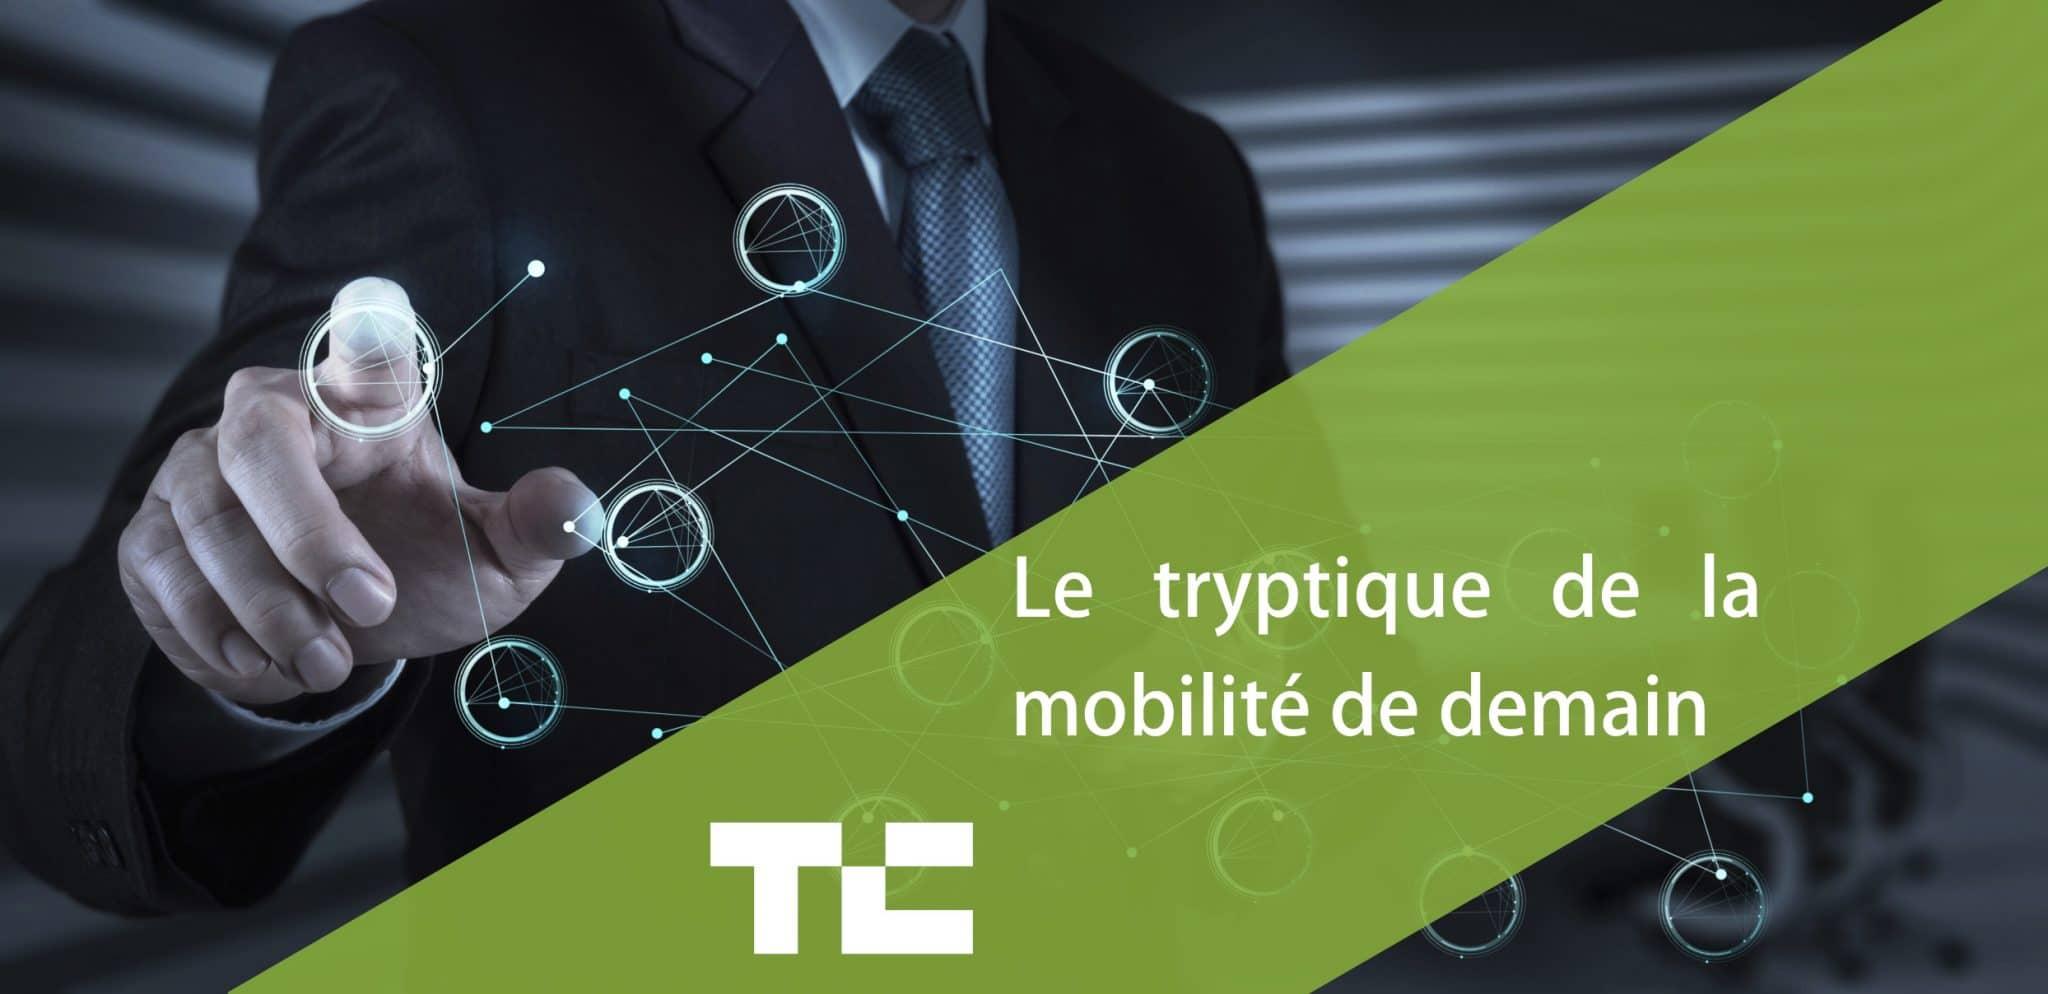 Autopartage, technologies autonomes et électrique : le triptyque de la mobilité de demain